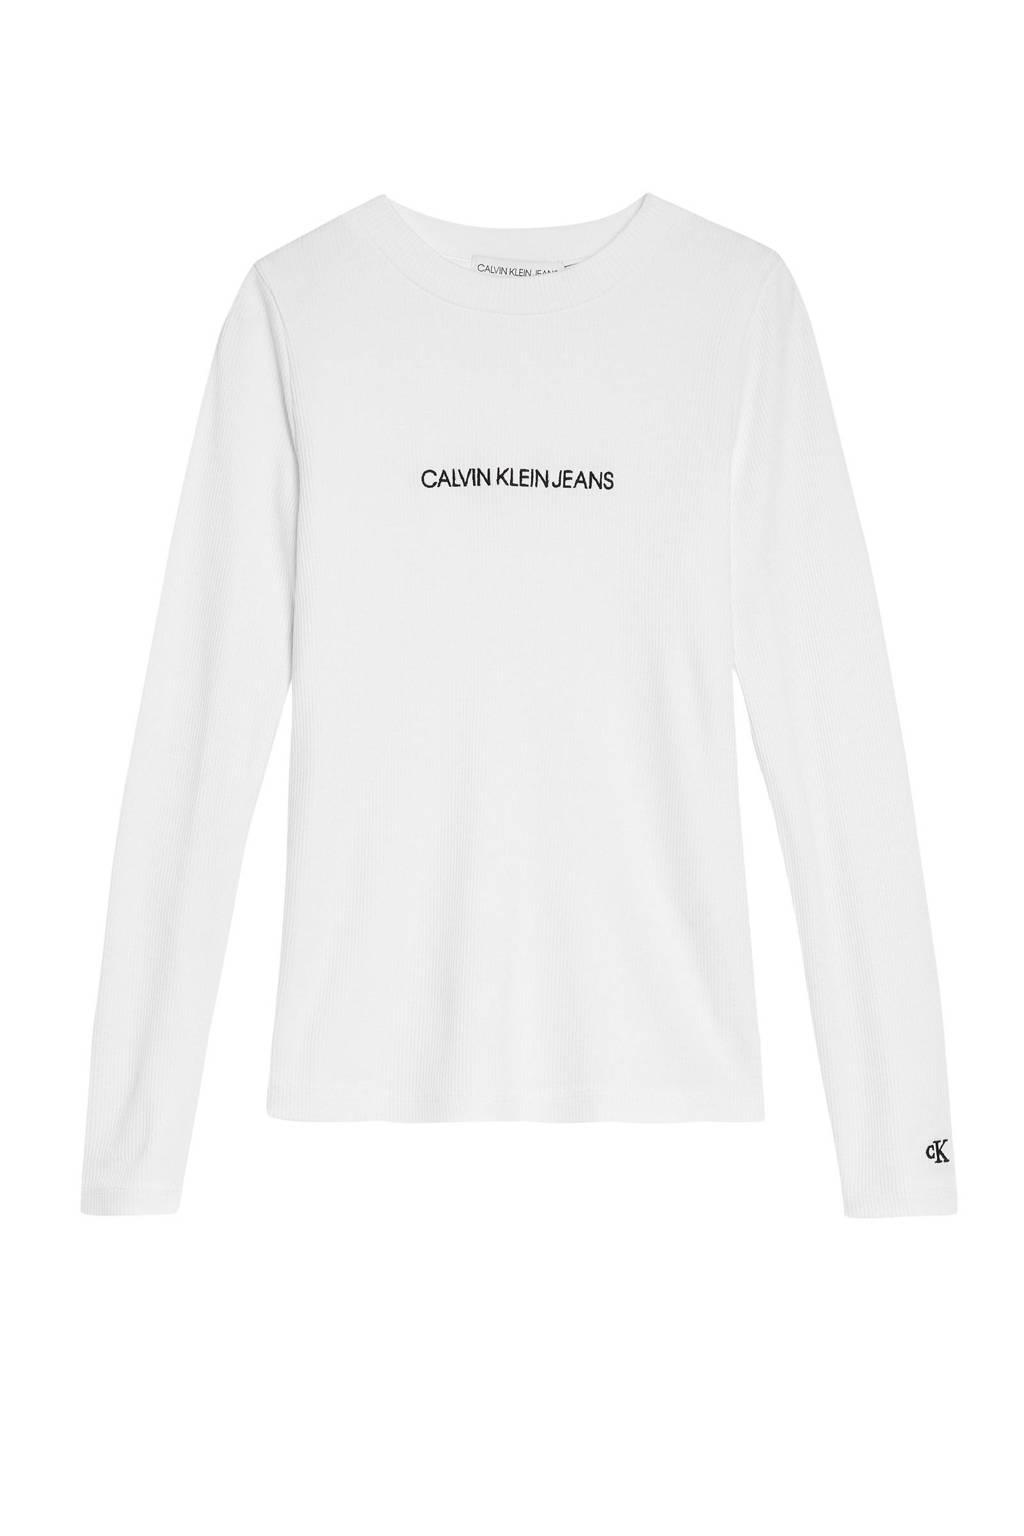 CALVIN KLEIN JEANS longsleeve met logo wit/zwart, Wit/zwart